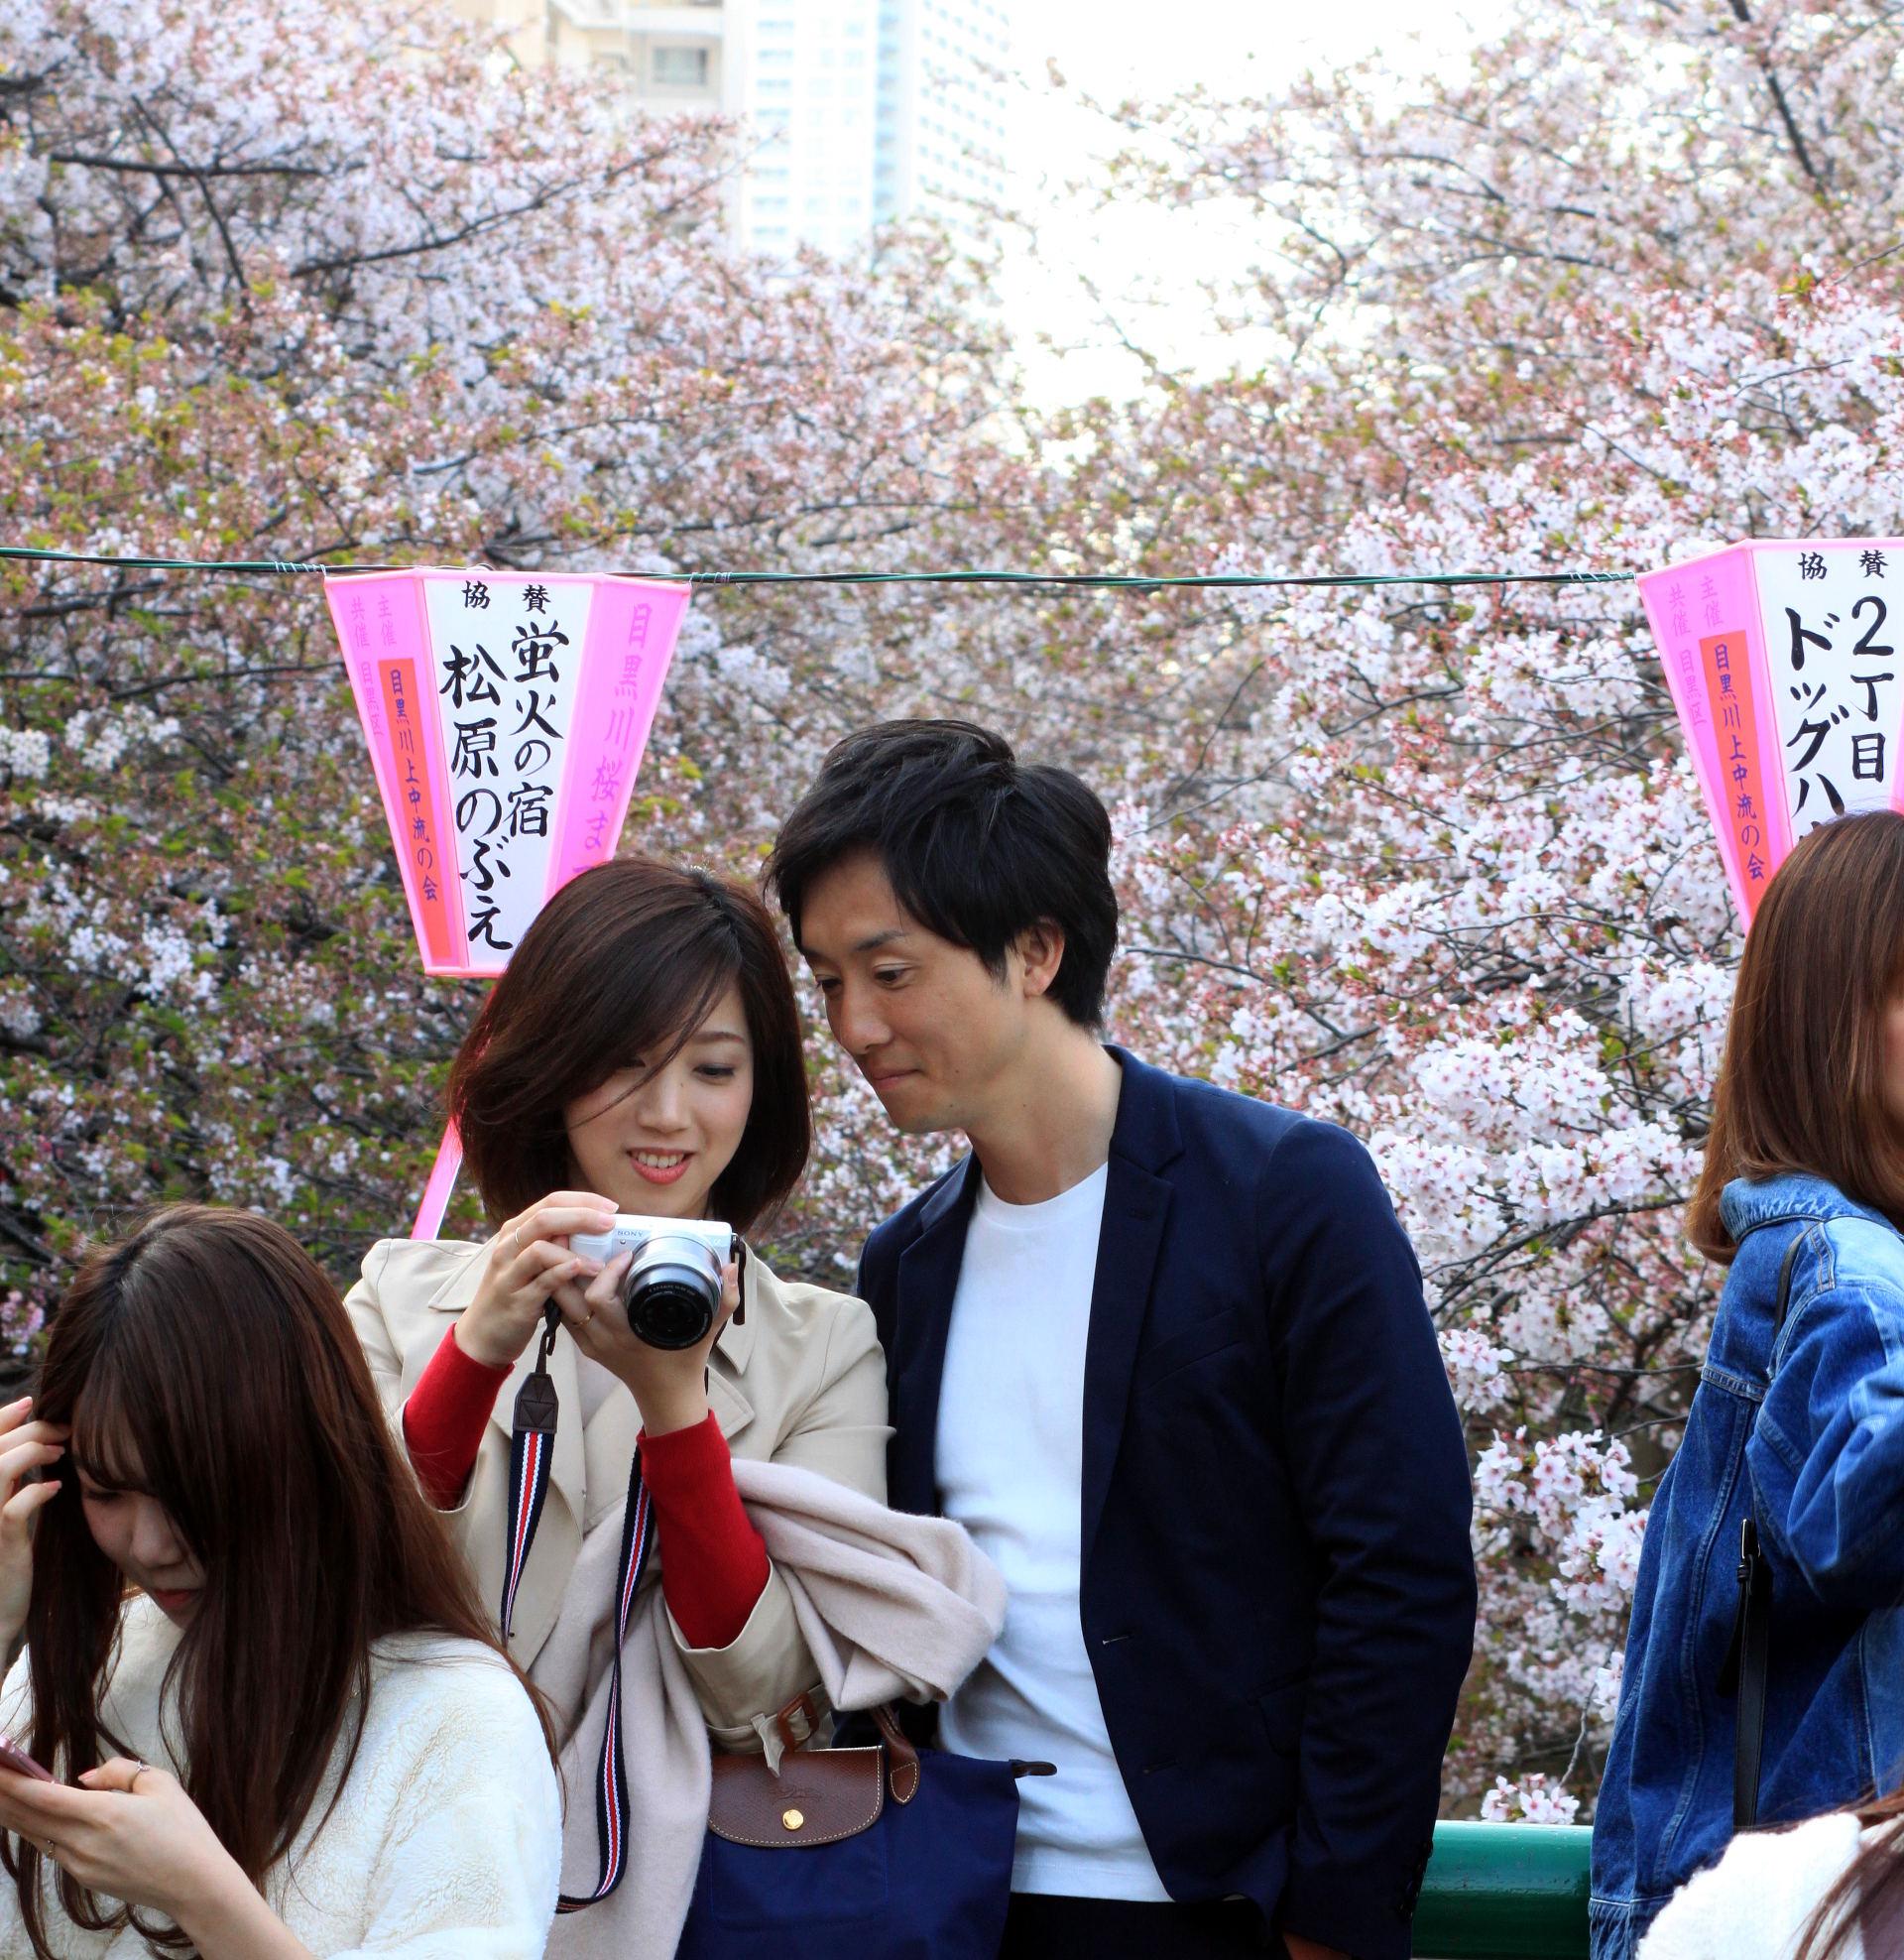 tokio japonia tokyo japan park kwitnacawisnia kwiaty hanami sakura wiosnawjaponii springinjapan cherryblossom iglawpodrozy